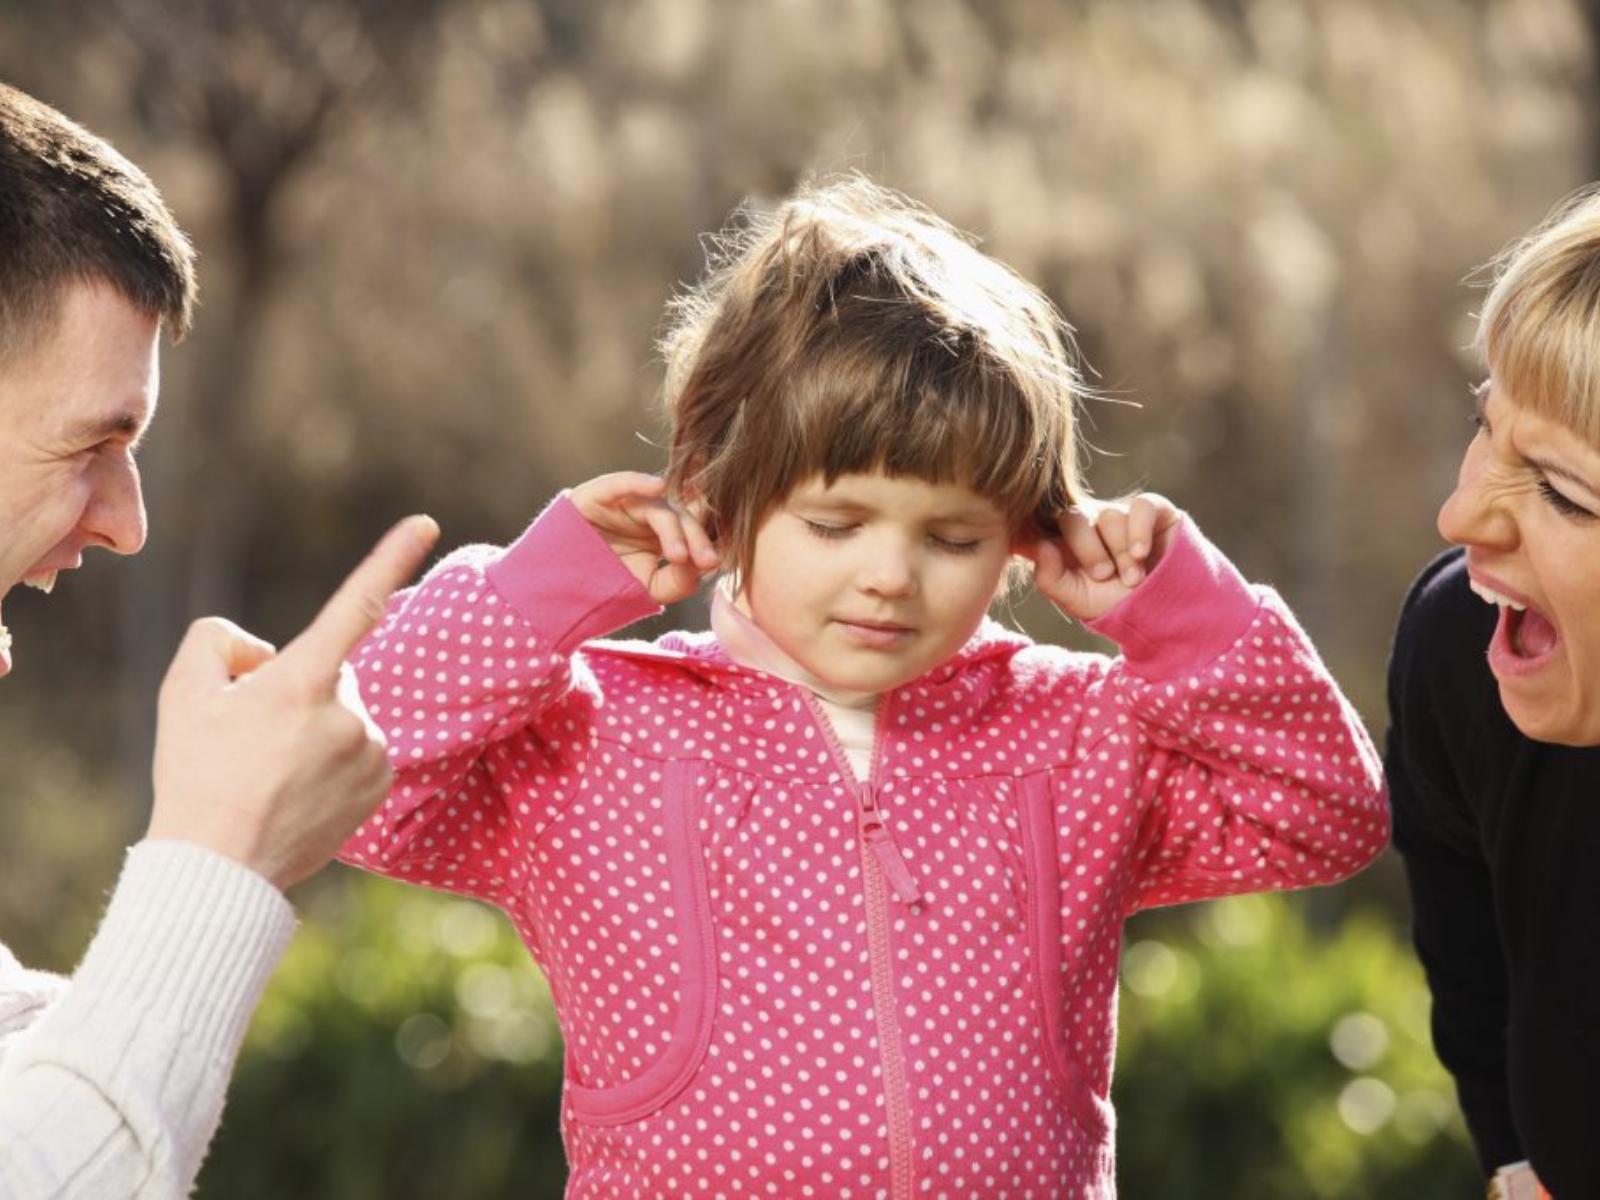 οι-φωνές-δεν-είναι-λύση-πως-να-πειθαρχήσουμε-το-παιδί-χωρίς-να-φωνάζουμε-